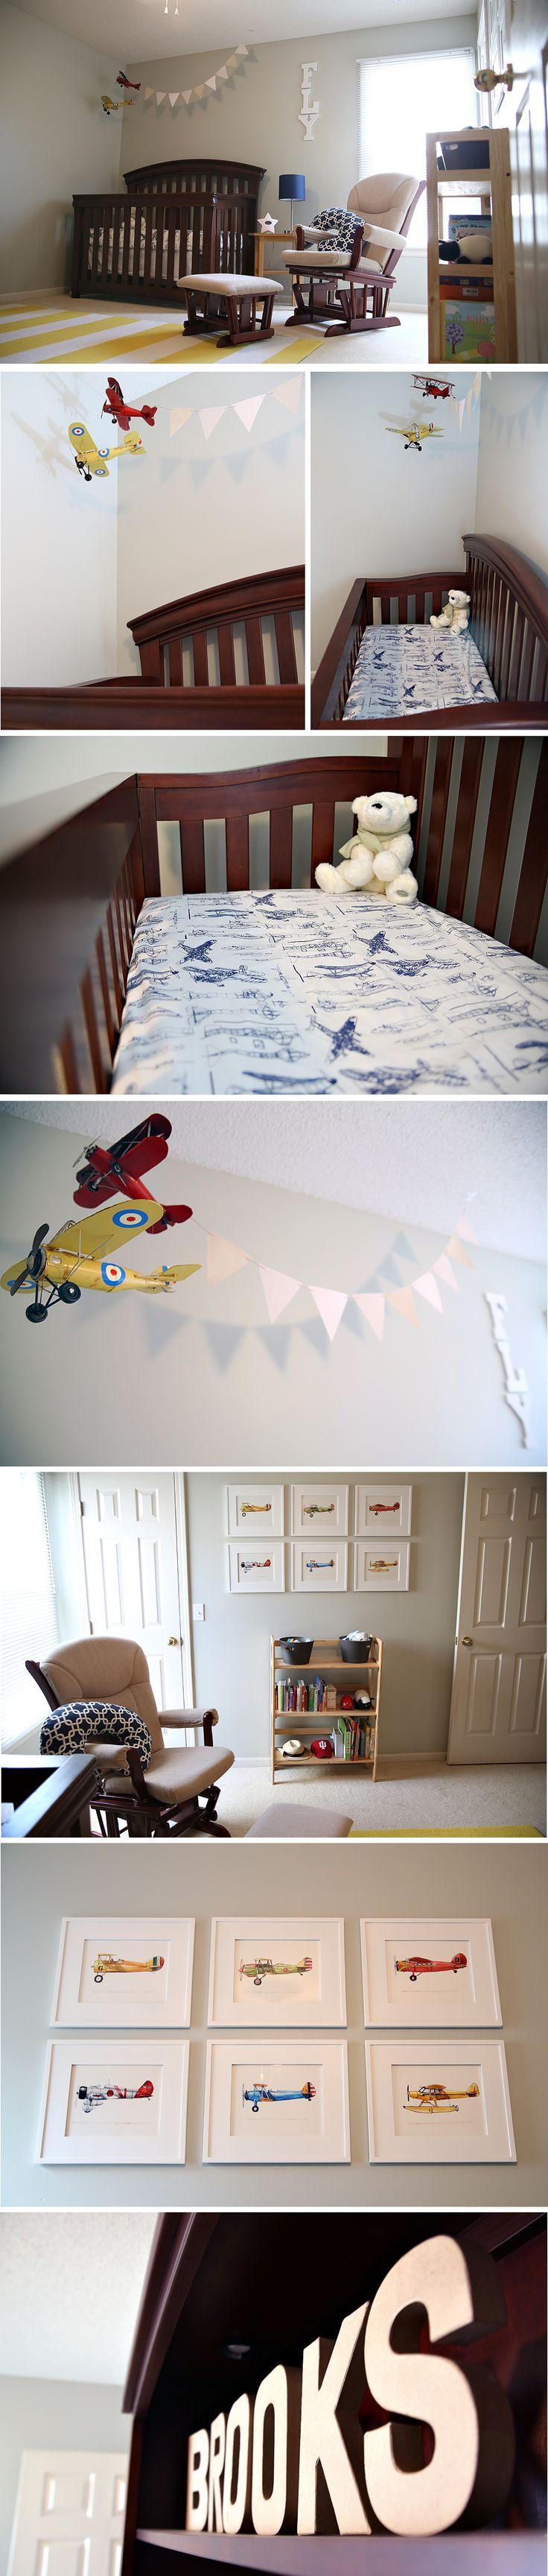 brooks' airplane nursery.